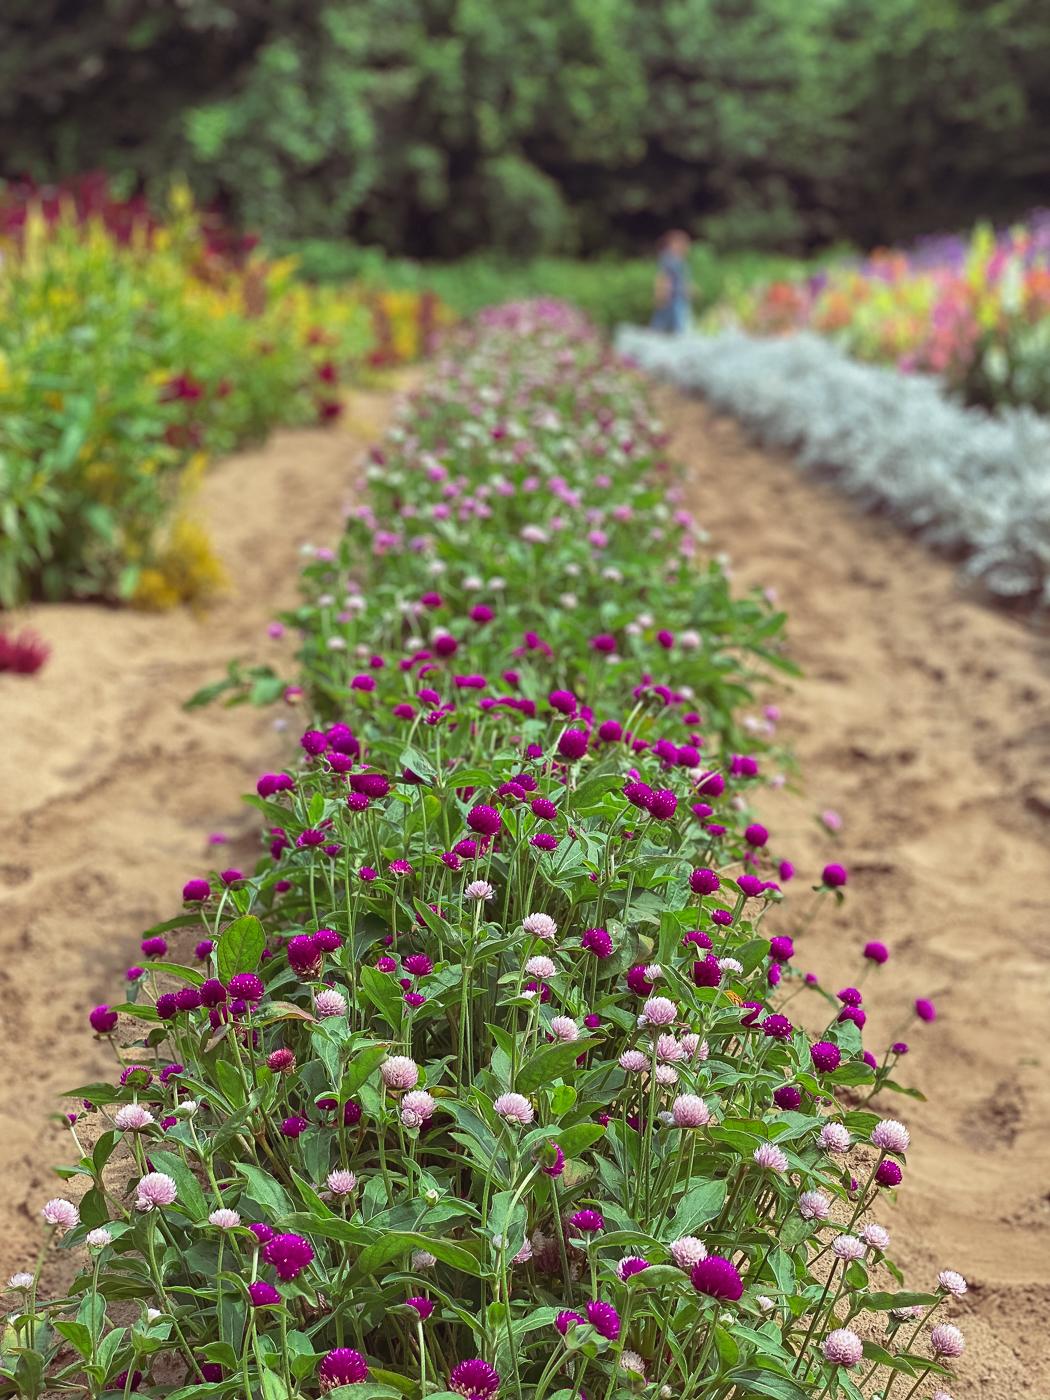 globe amaranth, summer garden flowers, blooming flowers, summer flowers that bloom